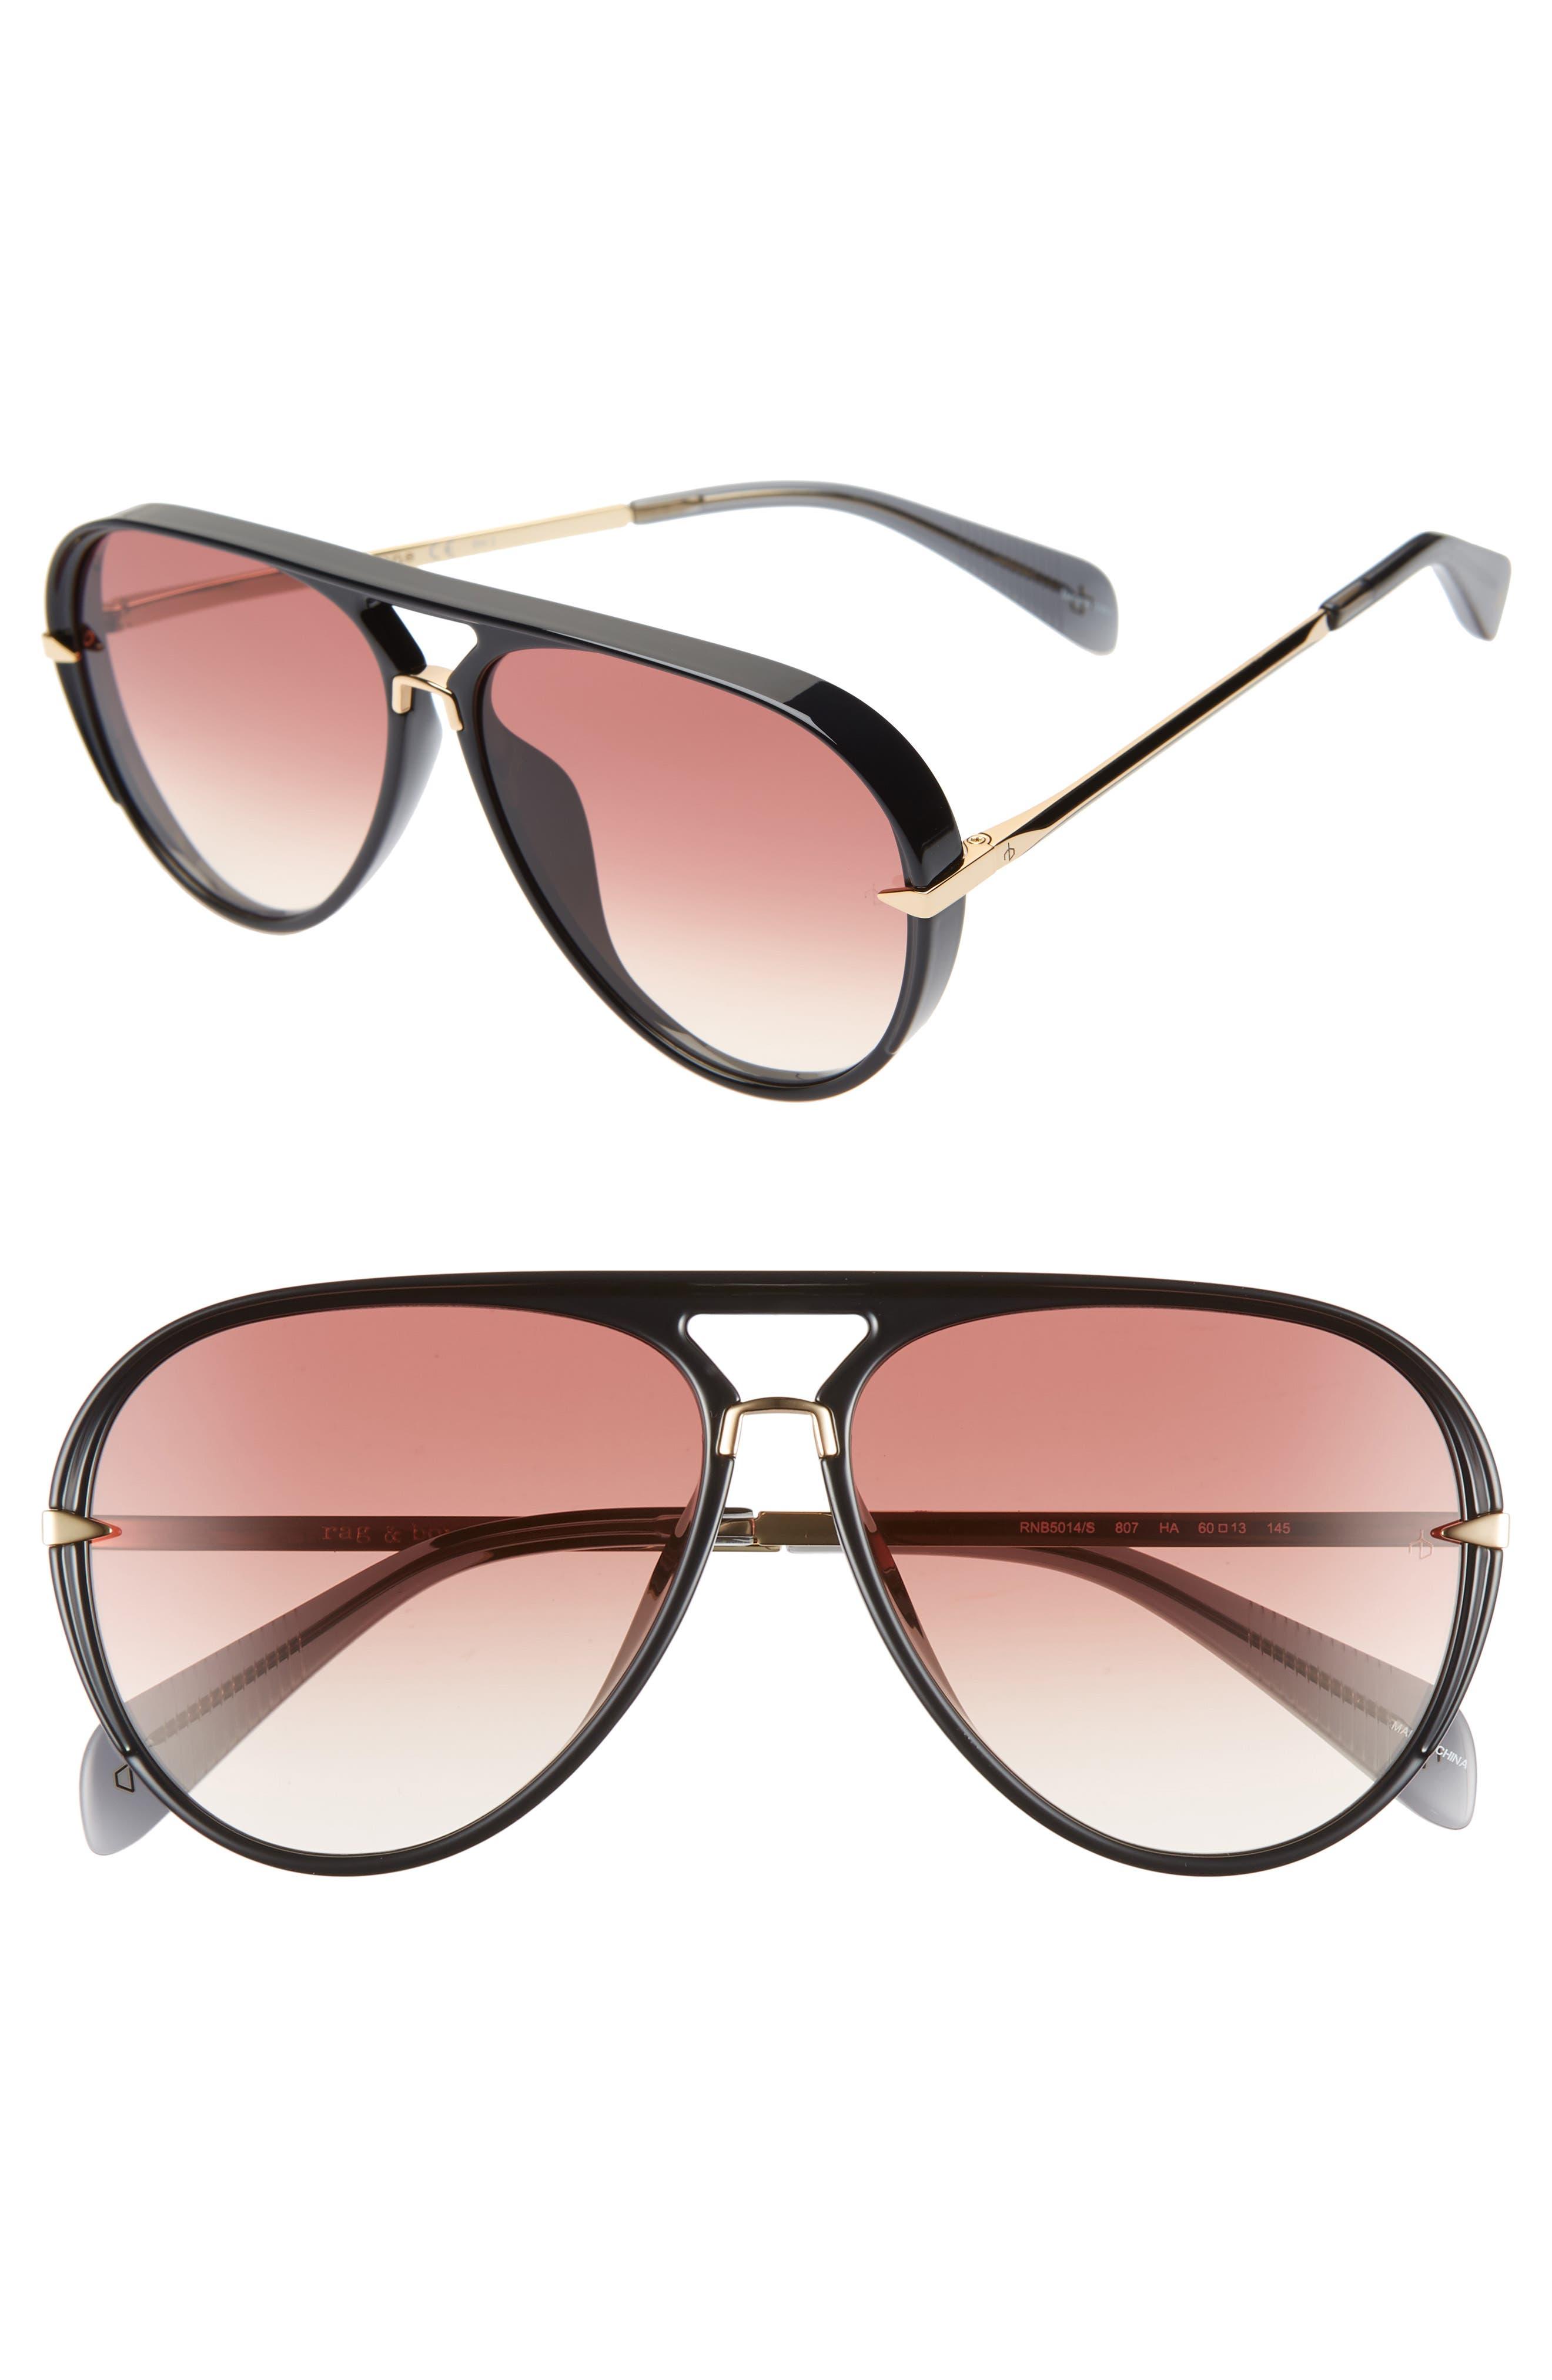 60mm Mirrored Aviator Sunglasses by Rag &Amp; Bone